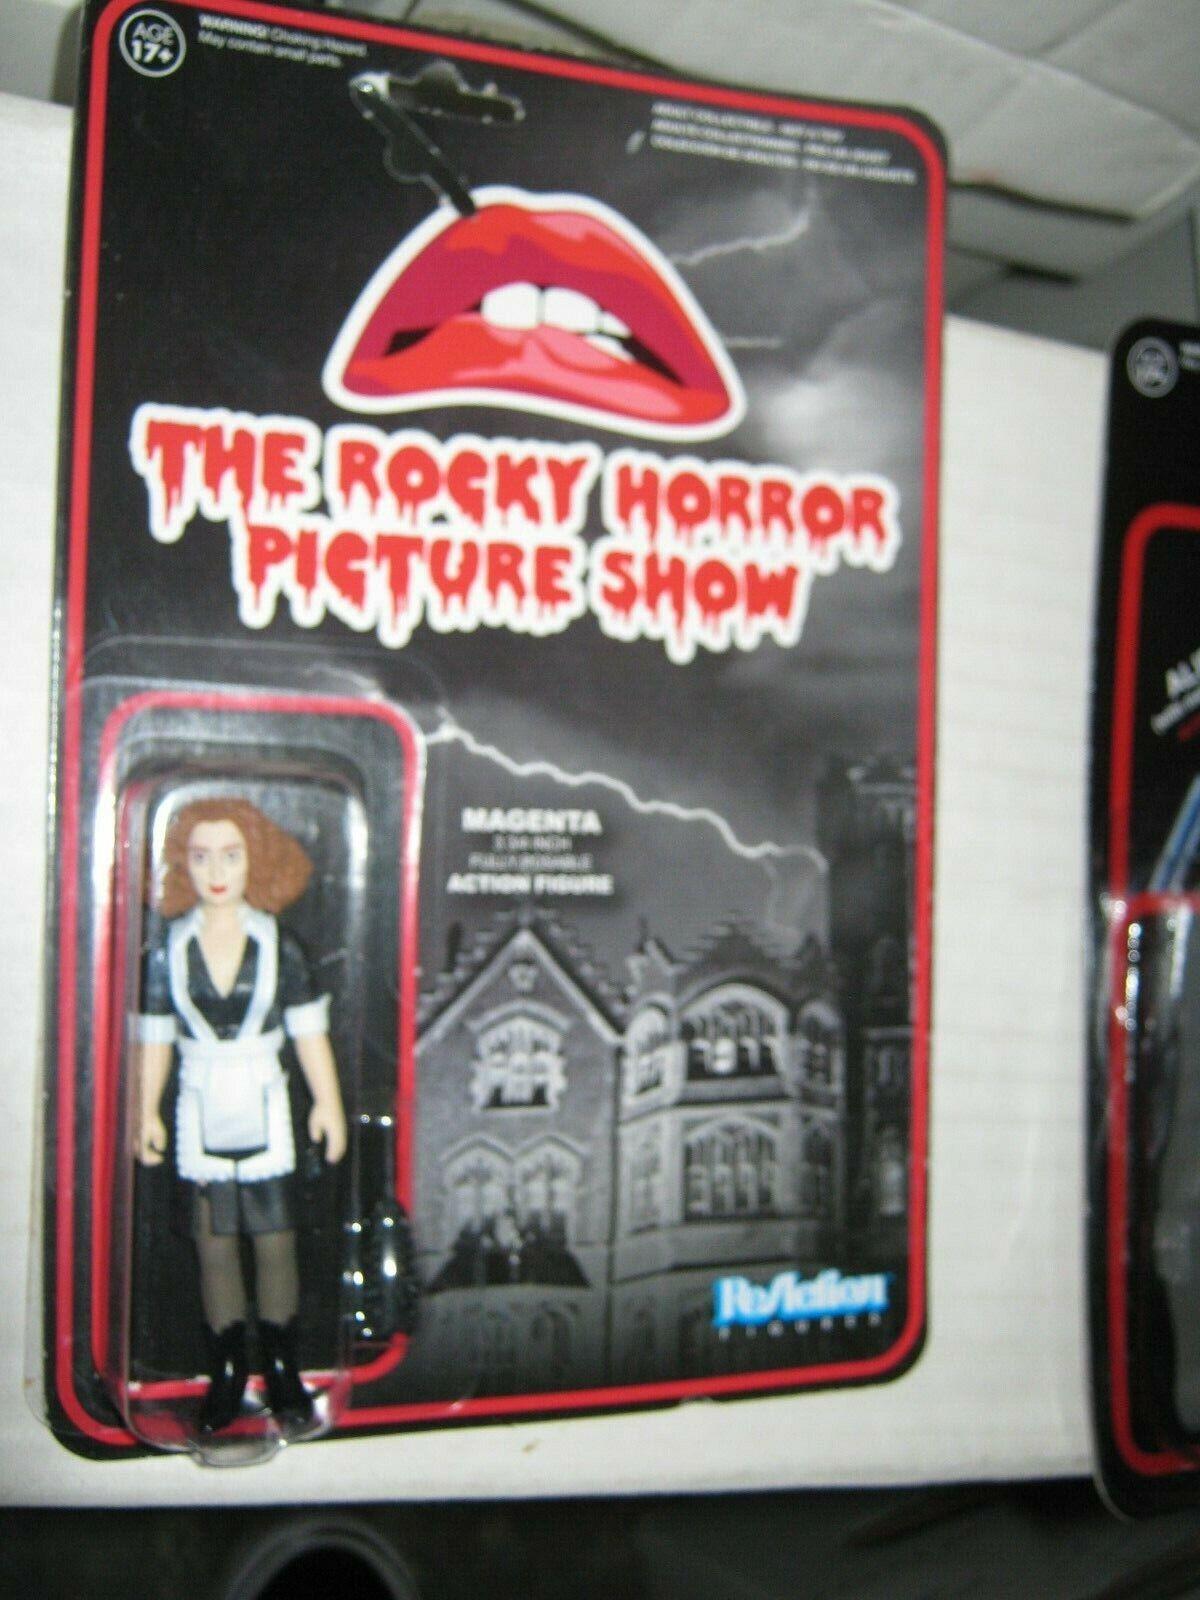 envío gratuito a nivel mundial The Rocky Horror Horror Horror Picture Show Juego De 5 figuras de reacción por Funko  Garantía 100% de ajuste